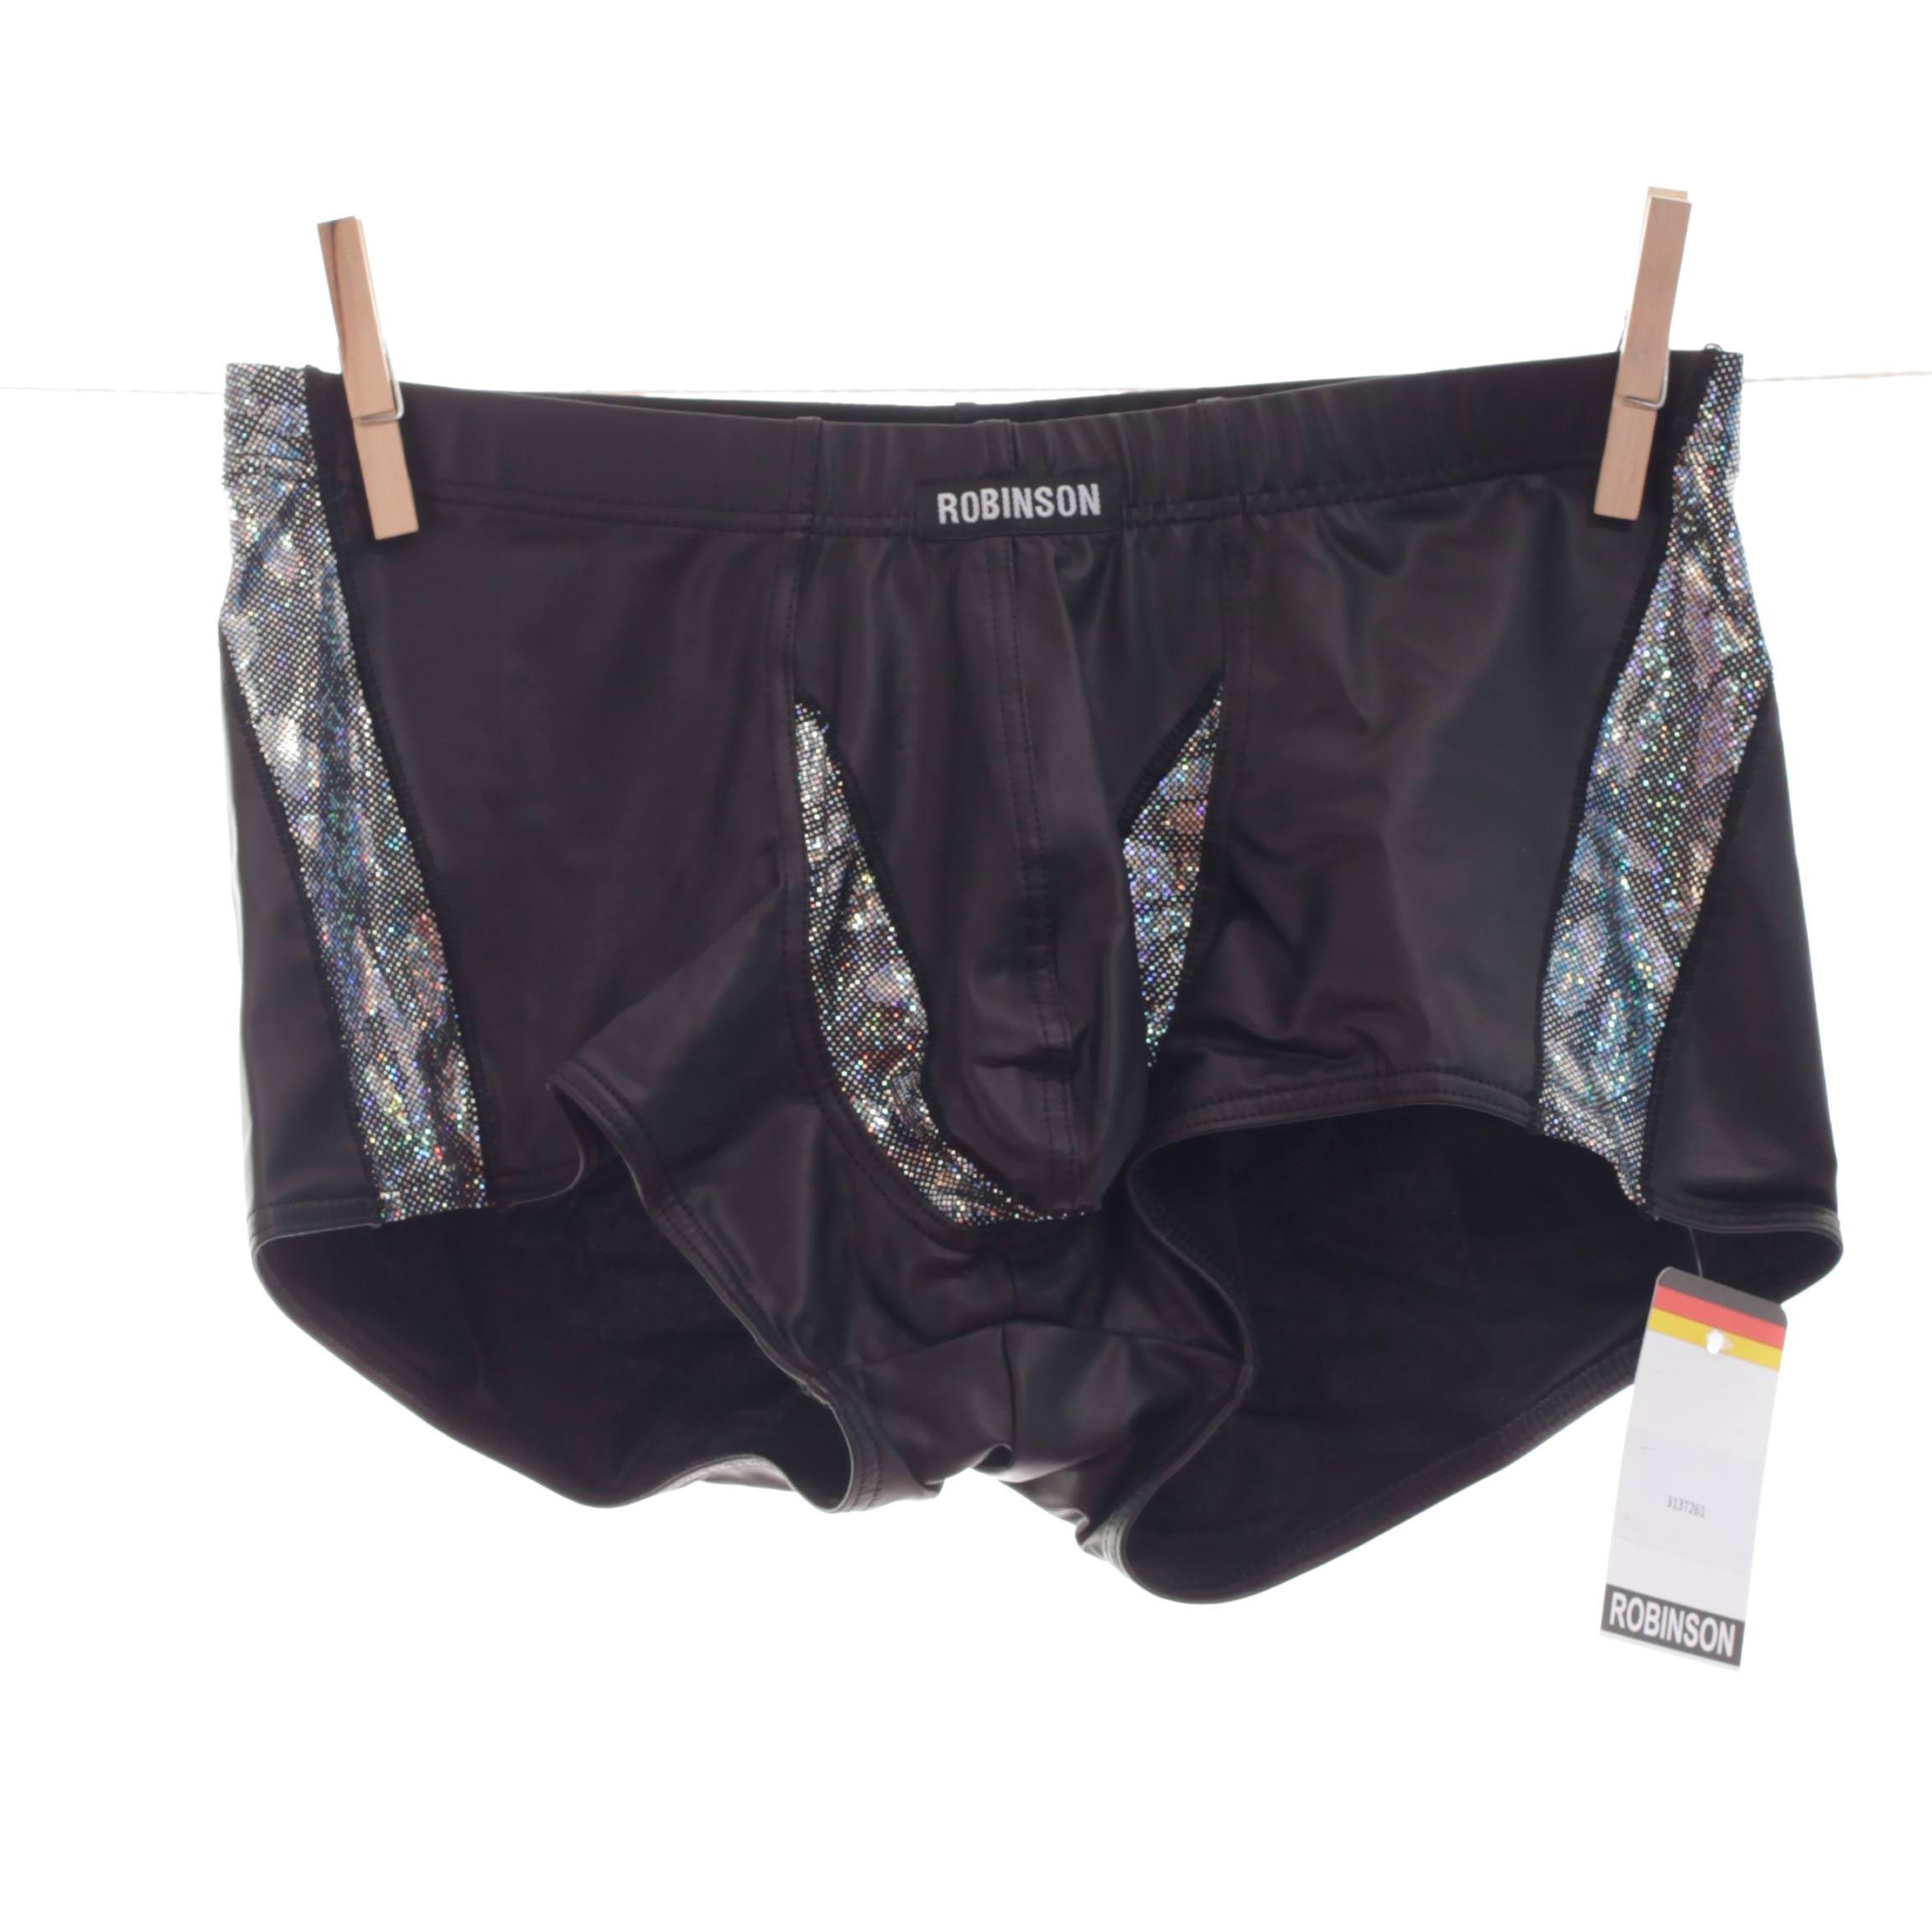 Diese fancy Pants mit Glitzerapplikationen der Marke Robinson ist ein Only for Me Produkt. Das heißt, es gibt diese online nur bei uns – in begrenzter Stückzahl! Also schnell zugreifen. Größen Erhältlich in Größe M Materialzusammensetzung 92% Polyester | 8% Elasthan Besonderheiten Onlyforme-Produkt | figurbetonter Schnitt…